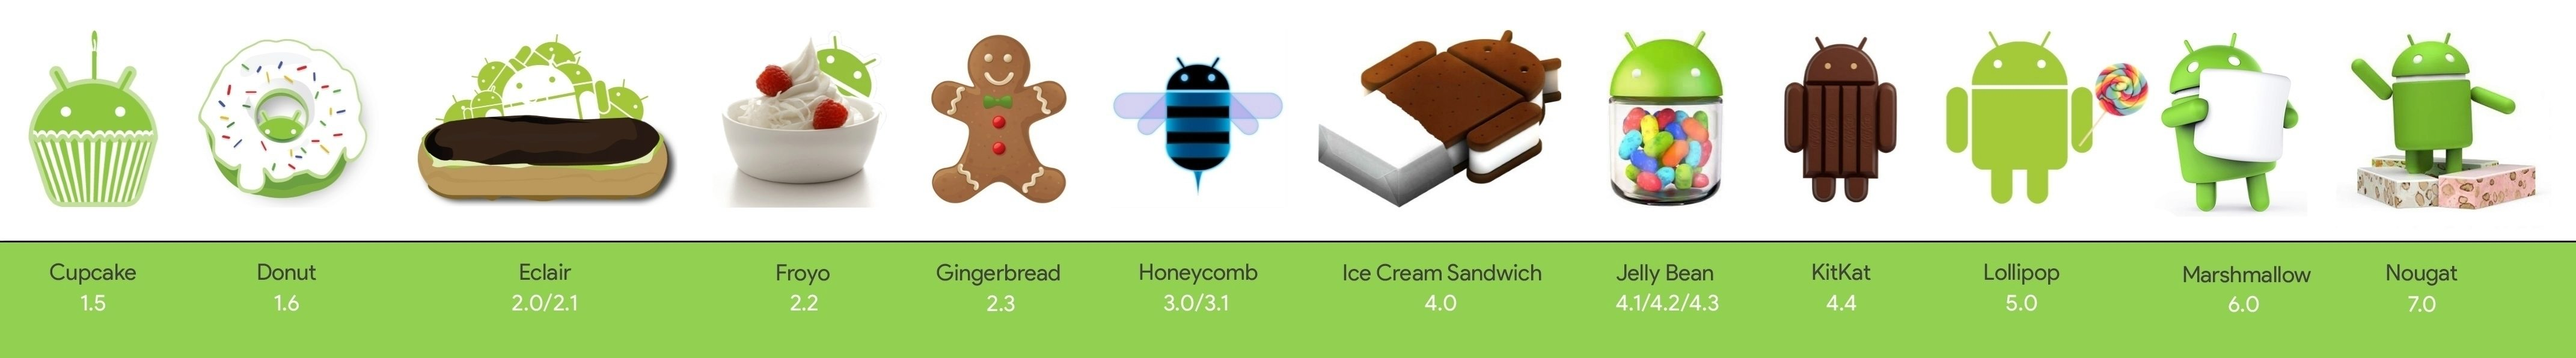 Nové verze Androidu